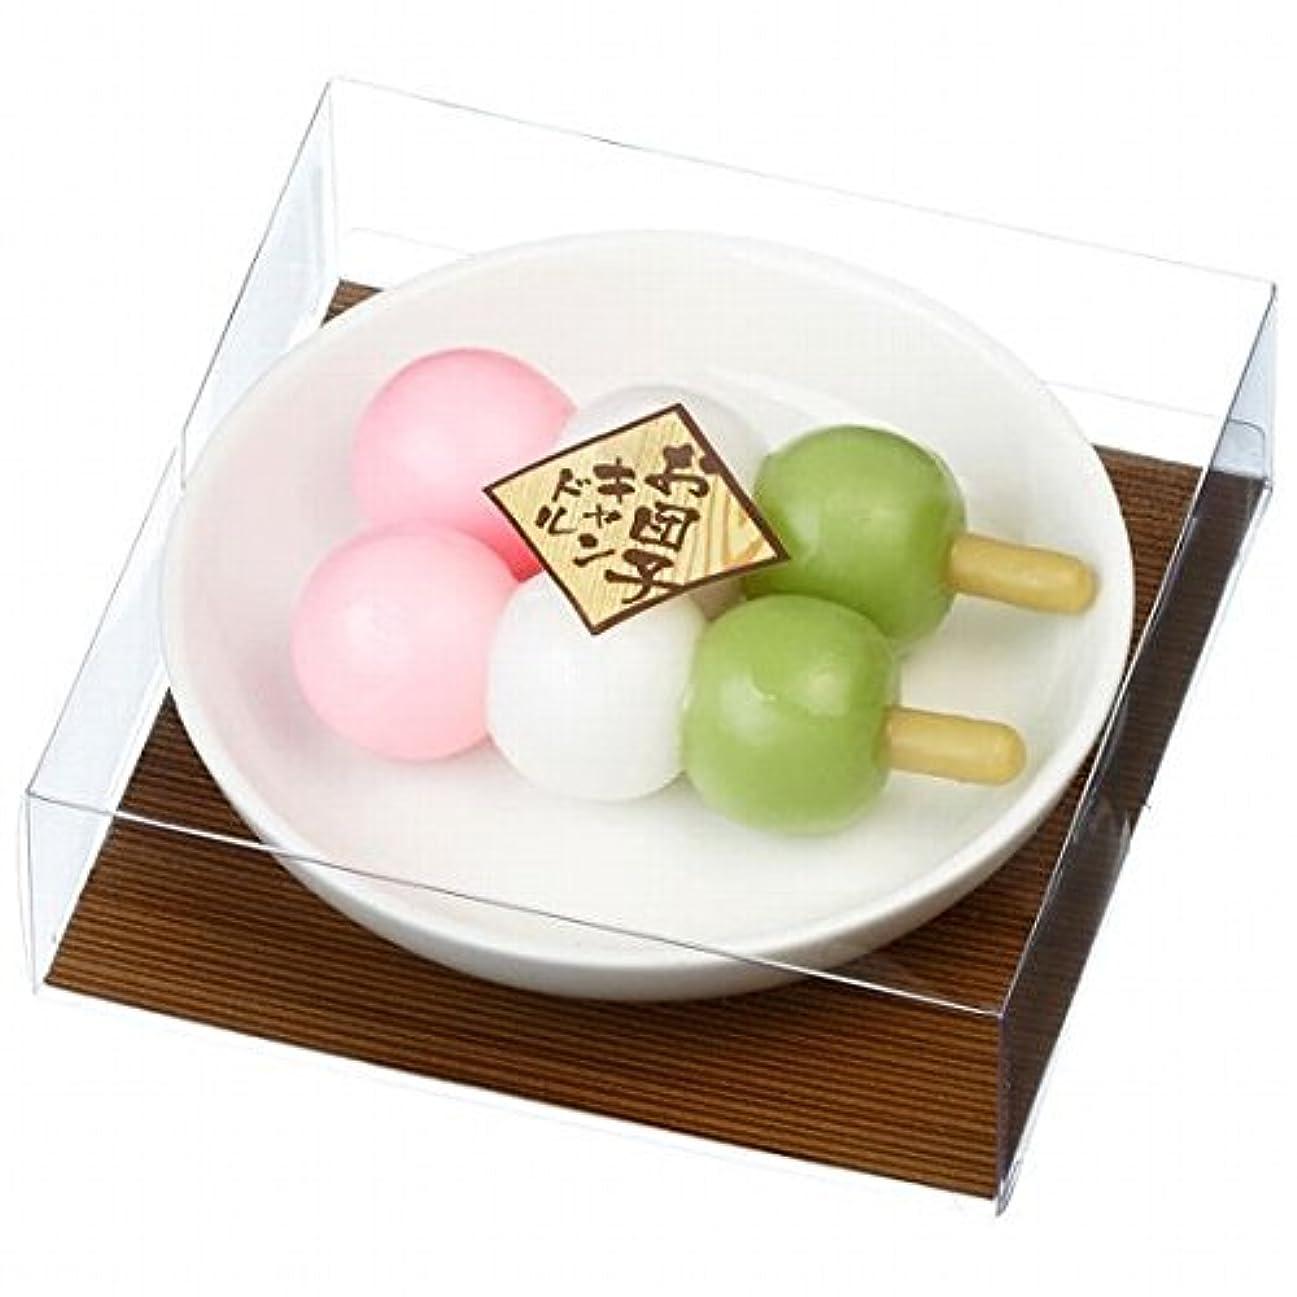 トークン失望交換カメヤマキャンドル(kameyama candle) お団子キャンドル